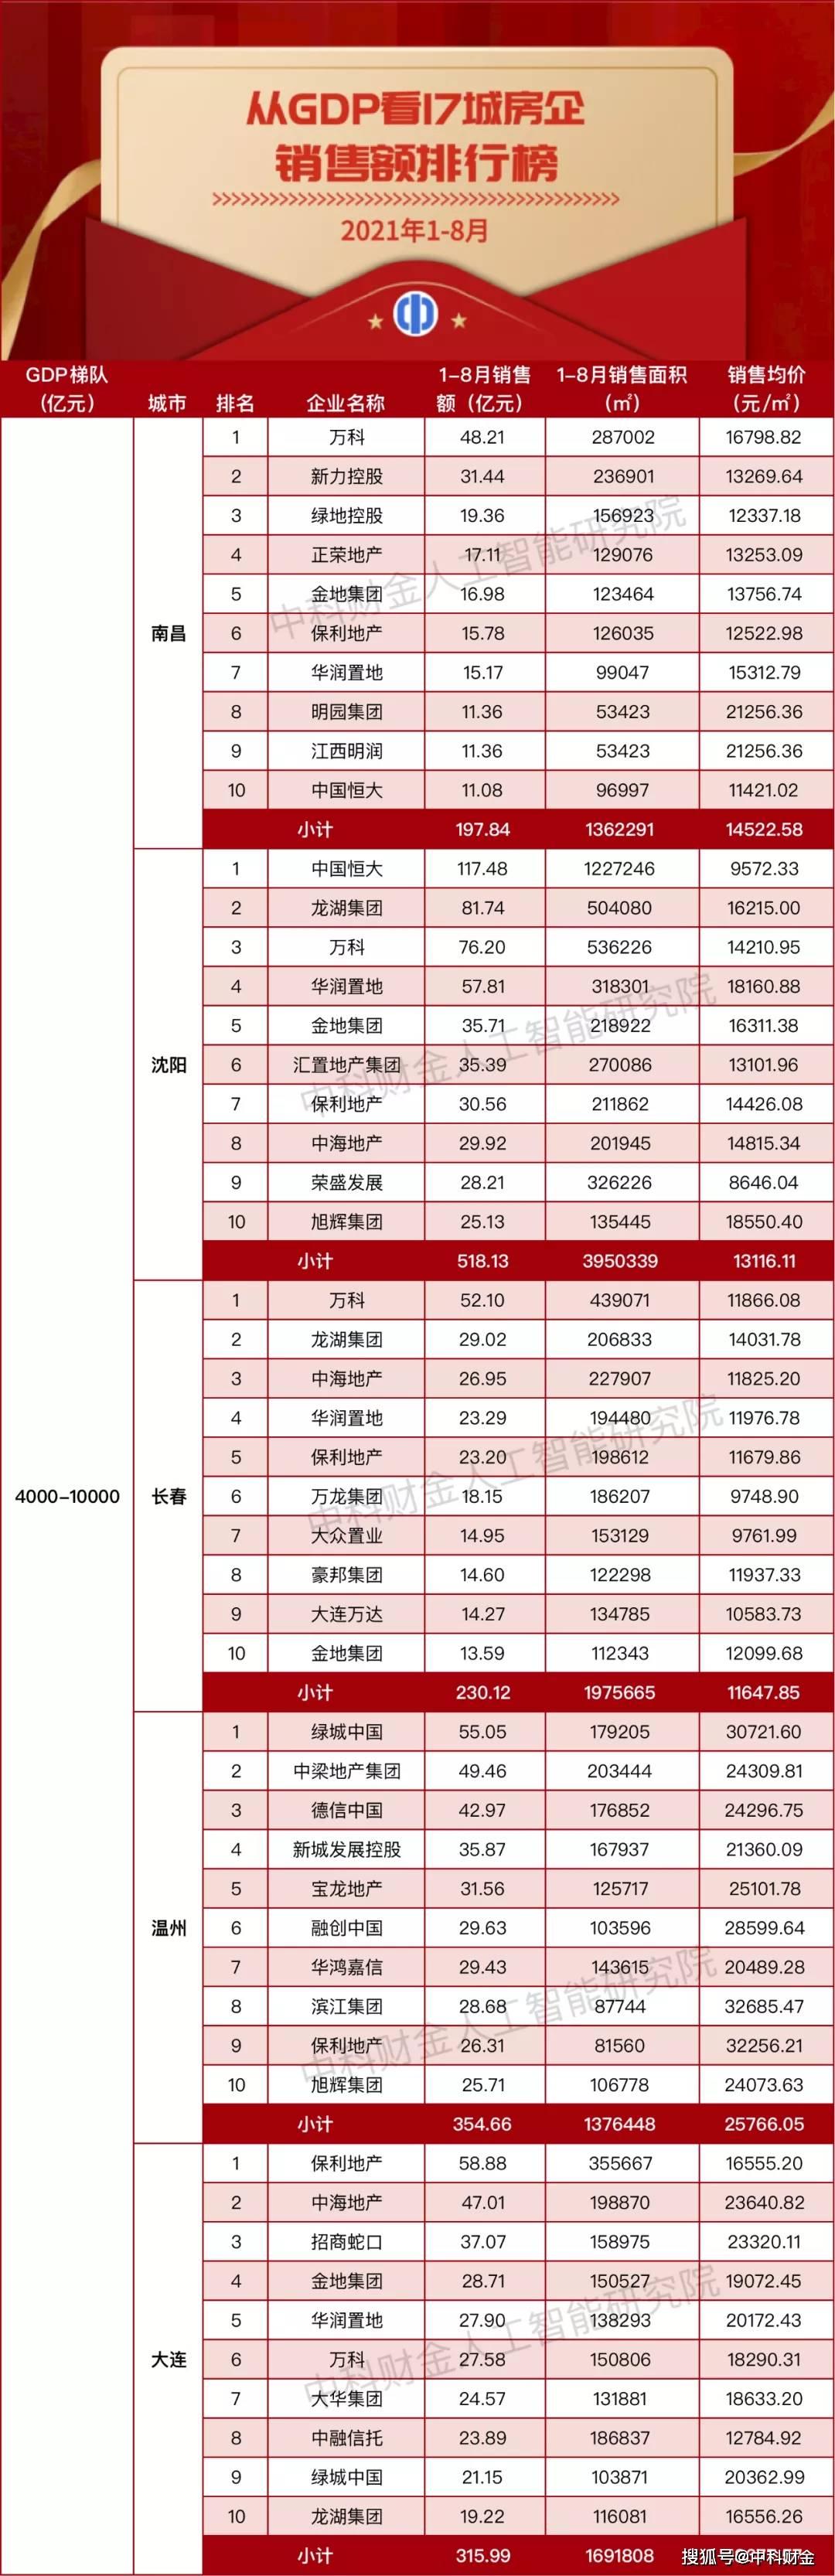 2021年gdp城市排名_神木人均存款第一!2021百强县+陕西77县31区GDP排名出炉